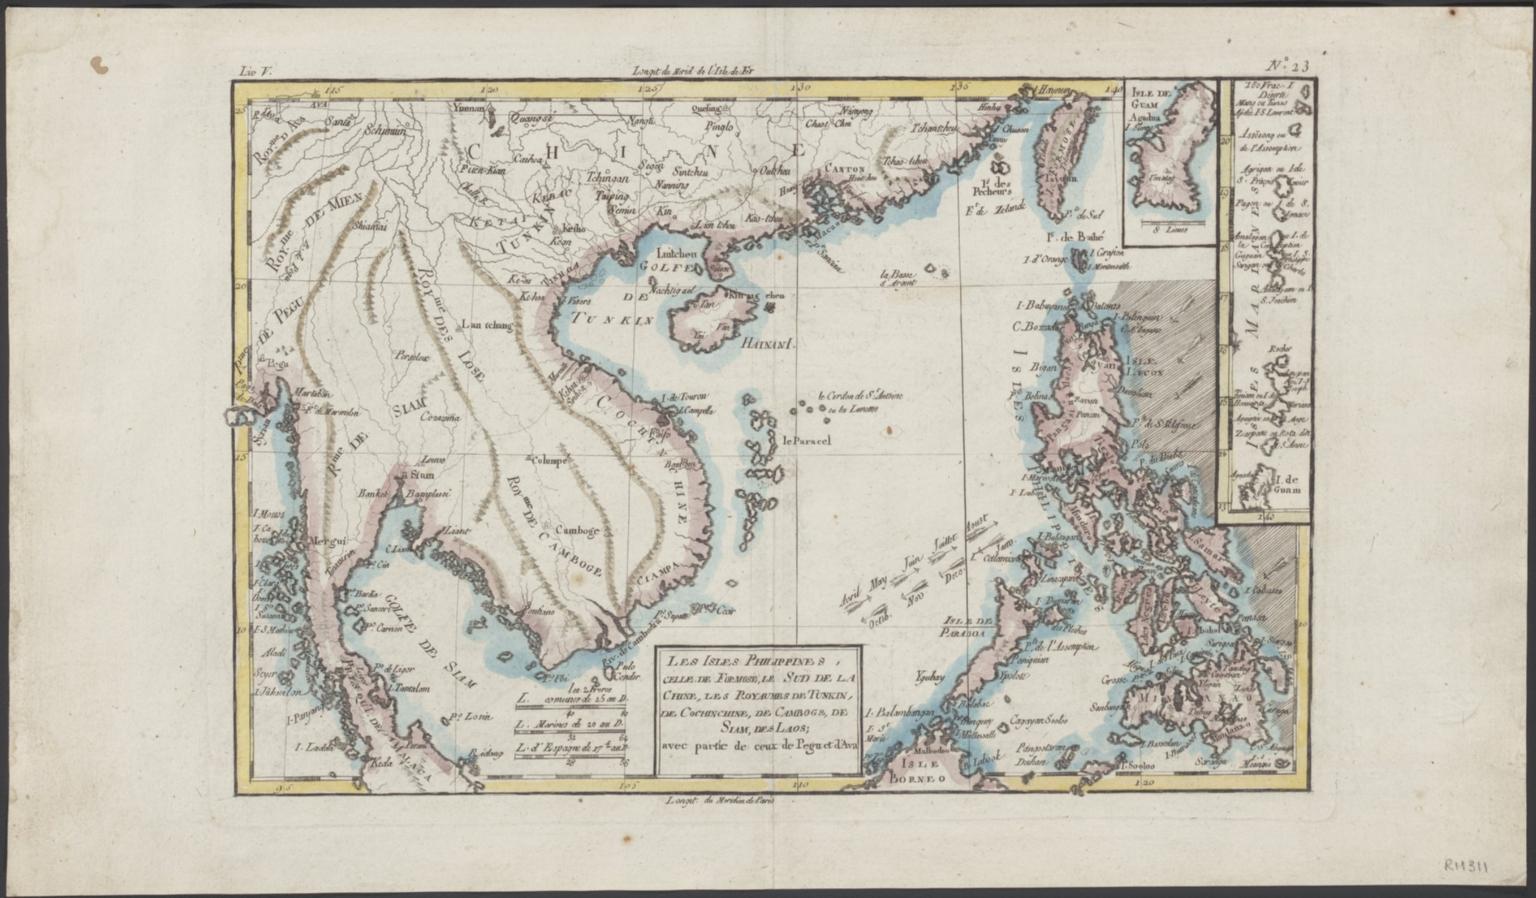 Les isles Philippines, celle de Formose, le sud de la Chine, les royaumes de Tunkin, de Cochinchine, de Camboge, de Siam, des Laos, avec partie de ceux de Pegu et d'Ava